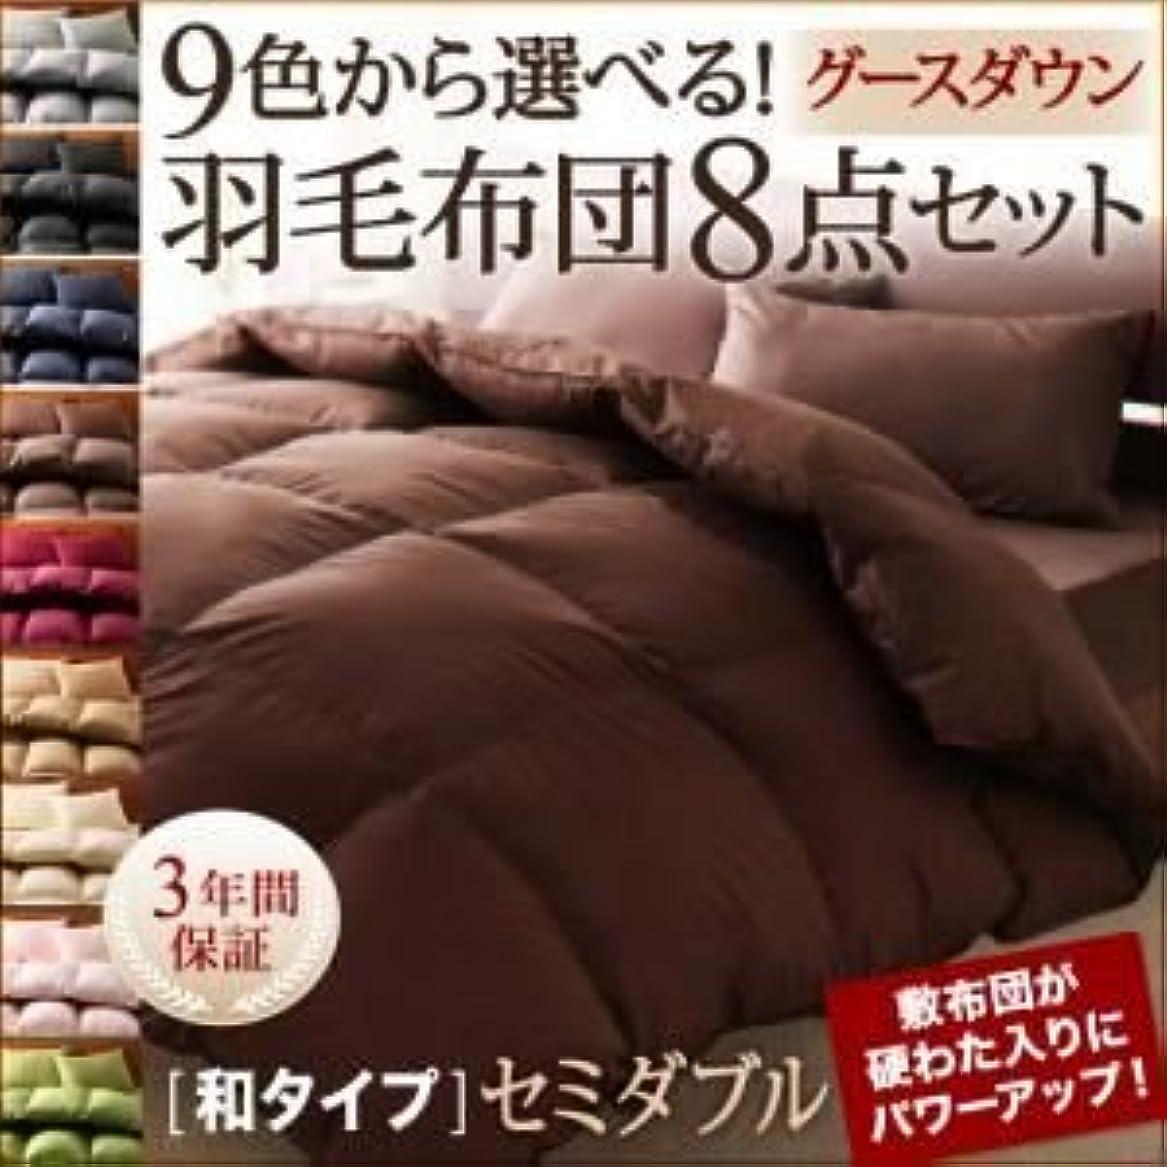 布団8点セット セミダブル アイボリー 9色から選べる!羽毛布団 グースタイプ 8点セット 和タイプ